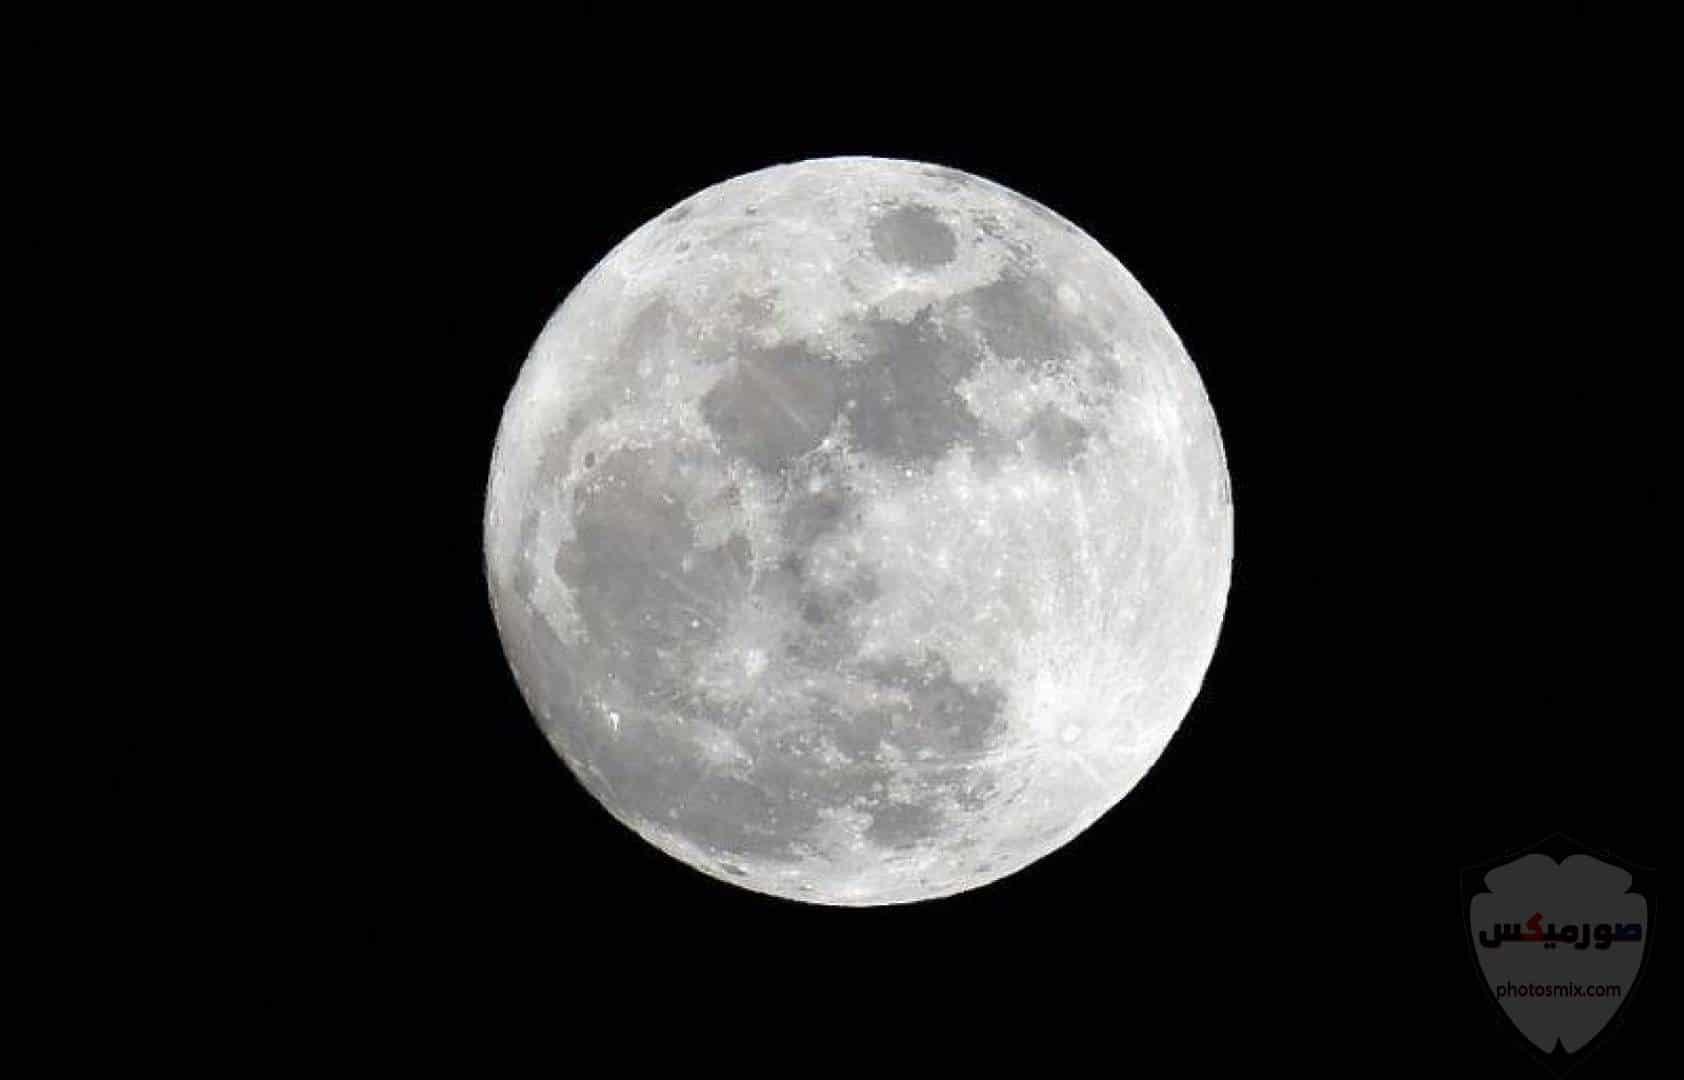 صور القمر والسماء والنجوم خلفيات للقمر والبدر والهلال عالية الجودة 18